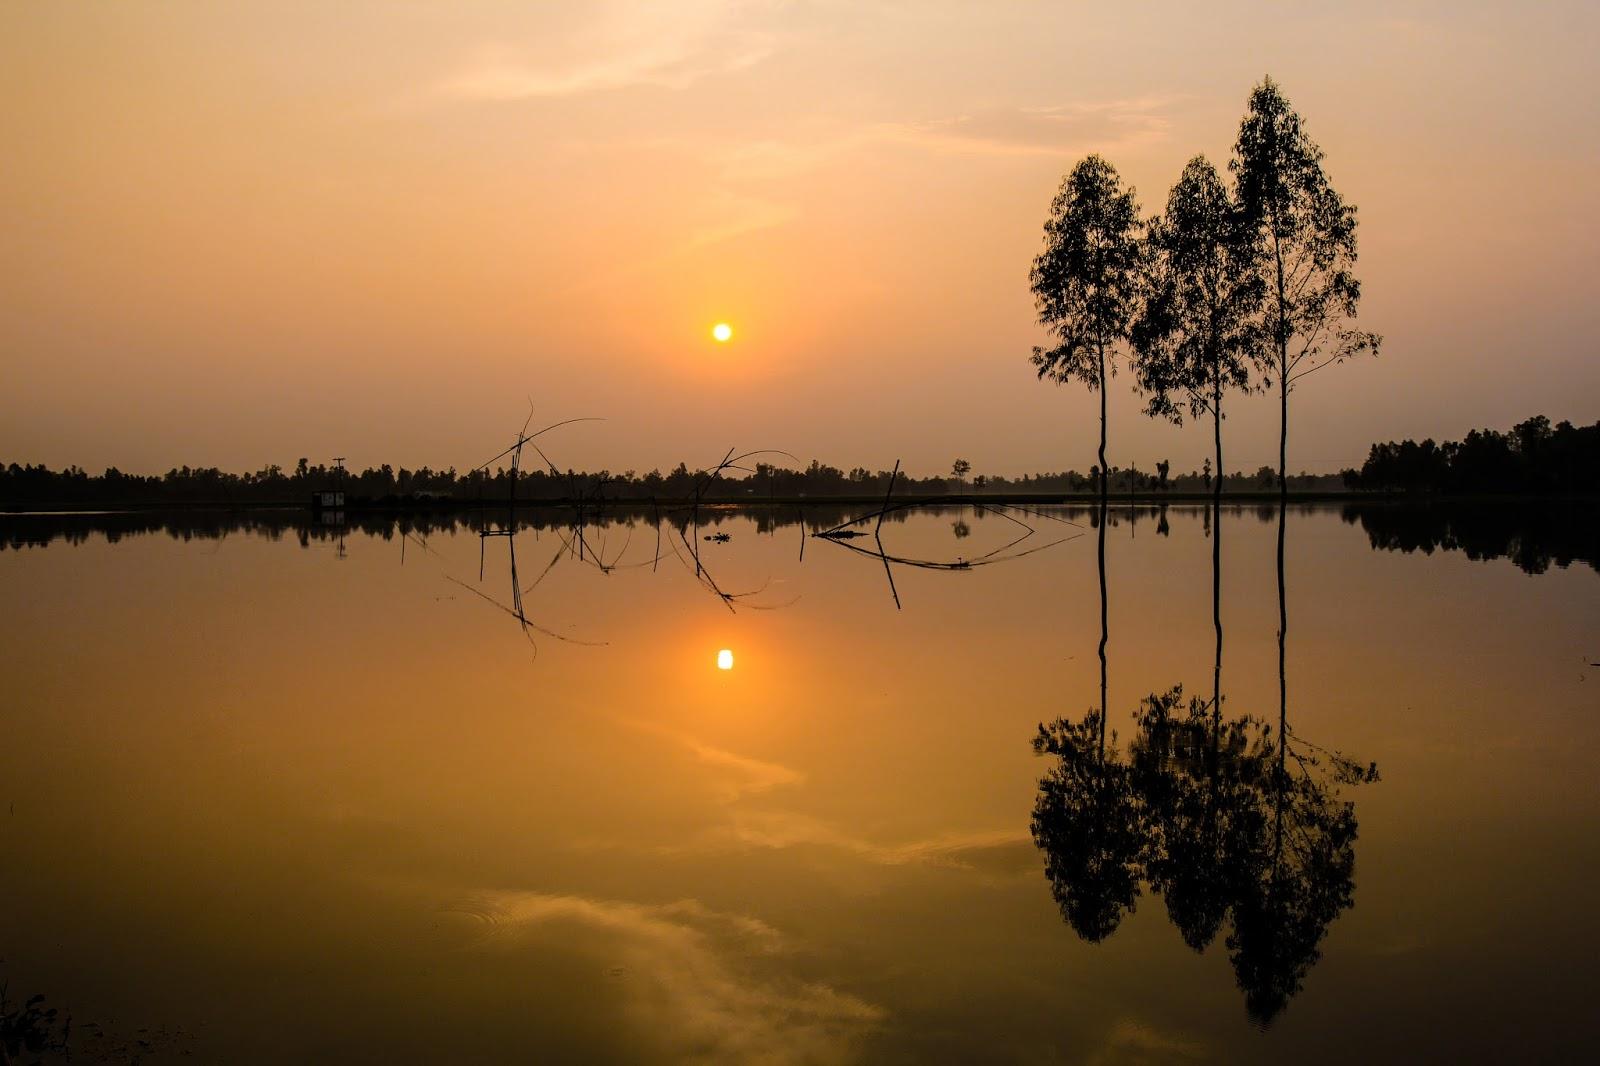 بالصور صور مناظر طبيعيه اجمل صور مناظر طبيعيه صور طبيعيه جميلة , خلفيات ساحرة وروعه 3960 4